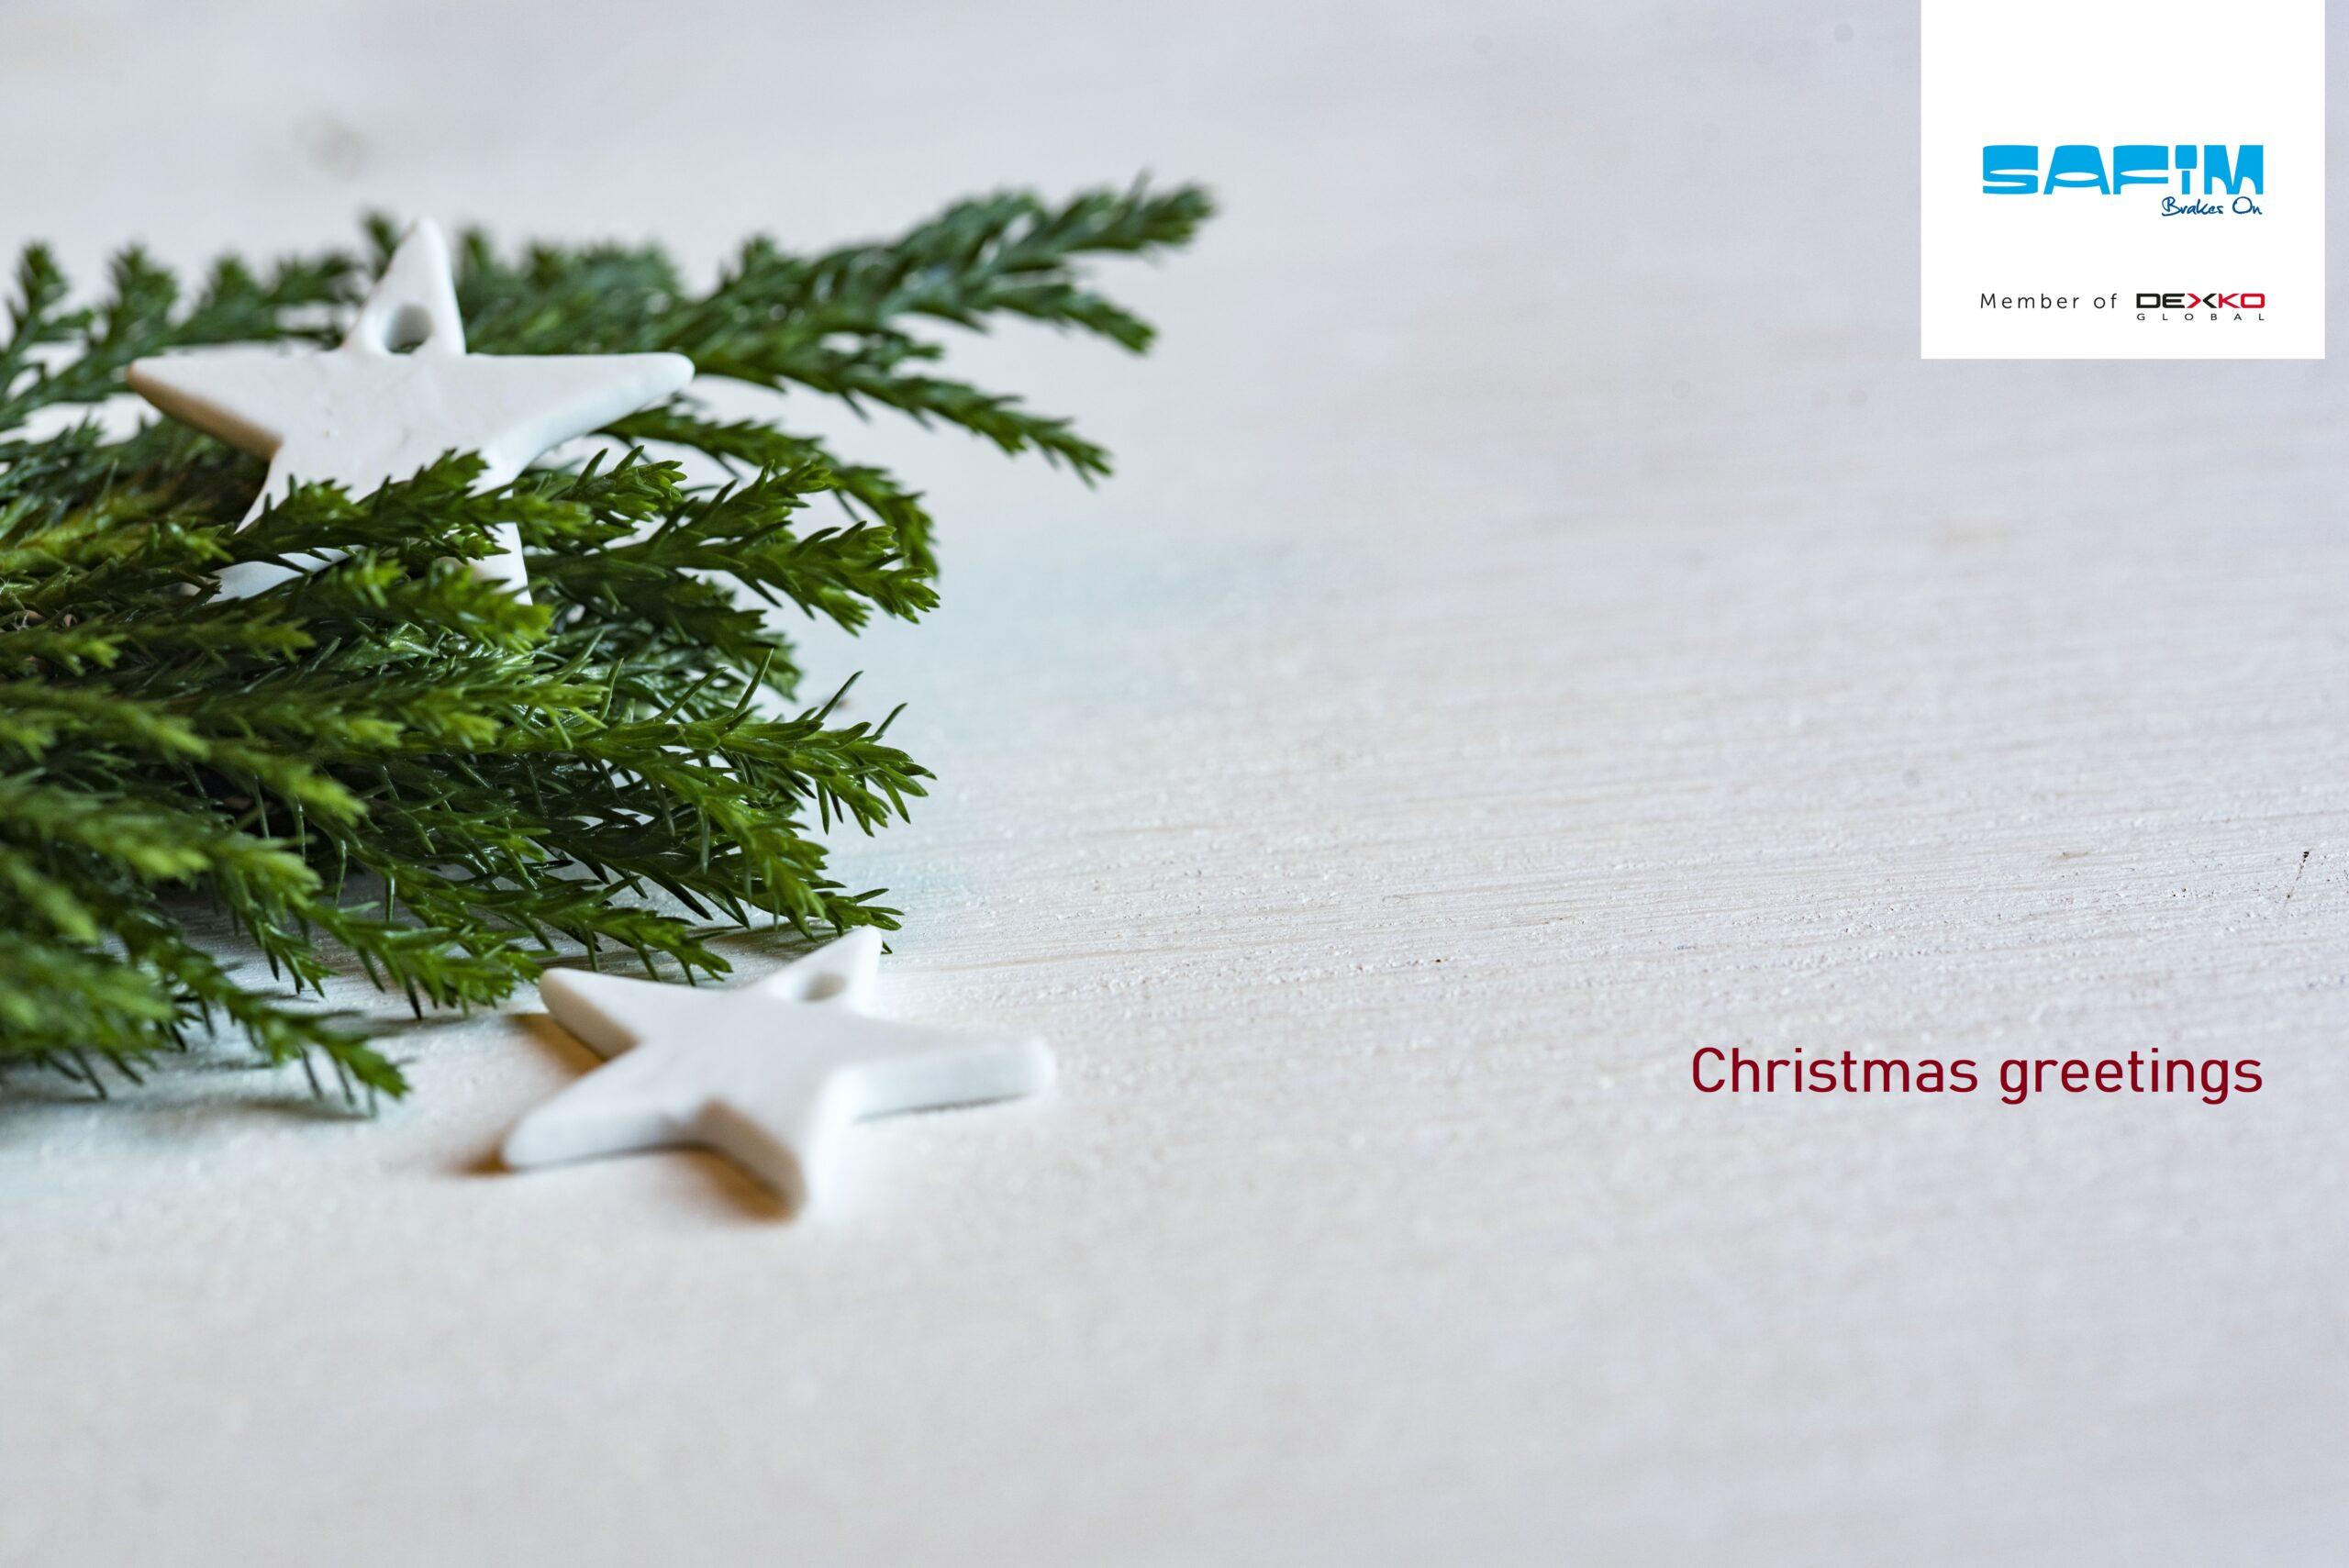 Natale 2020: il nostro messaggio di auguri